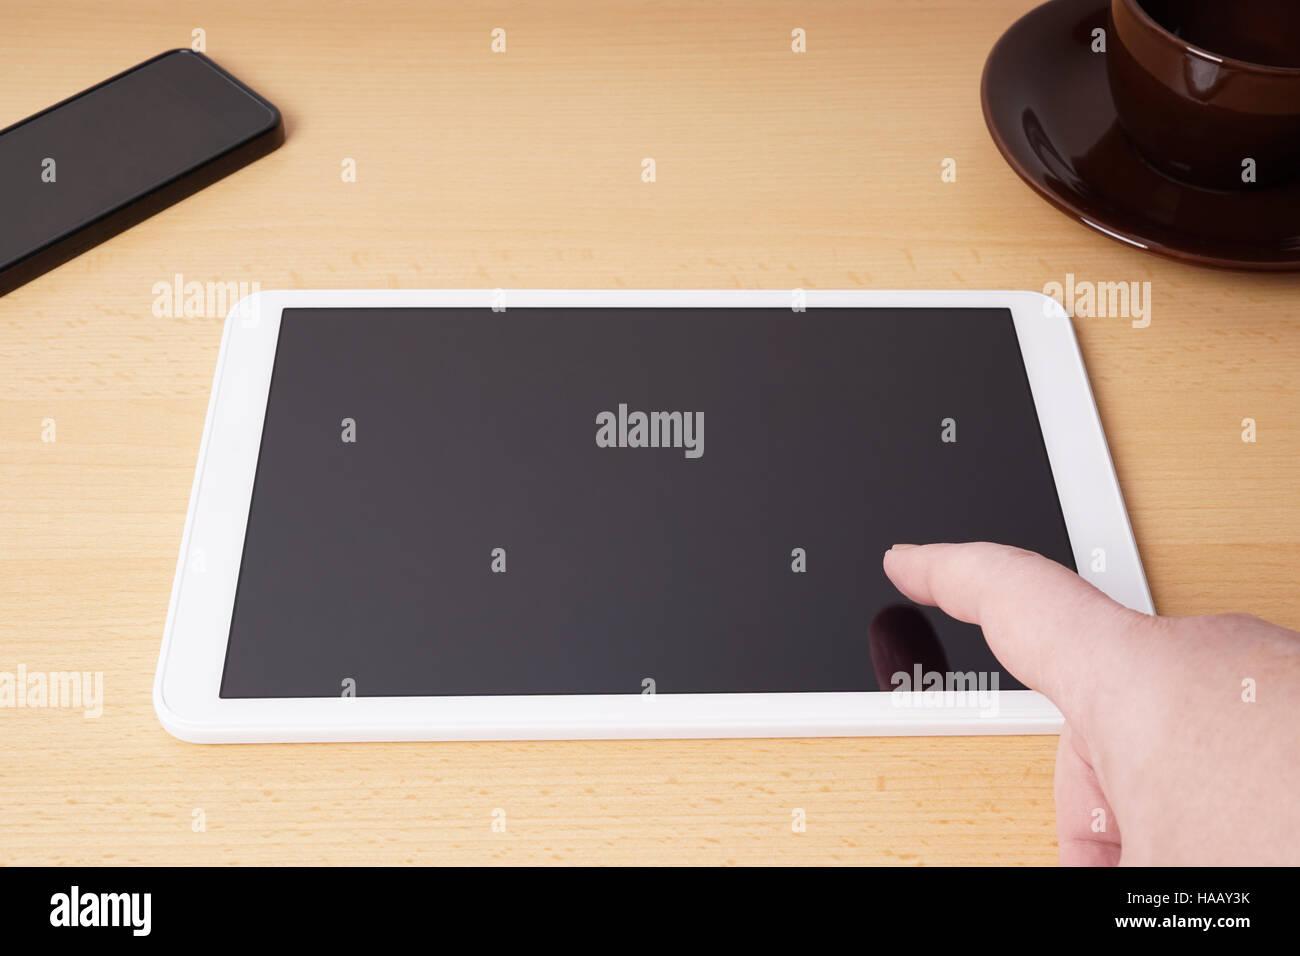 Toucher du doigt sur l'écran tactile vierge tablet computer Photo Stock